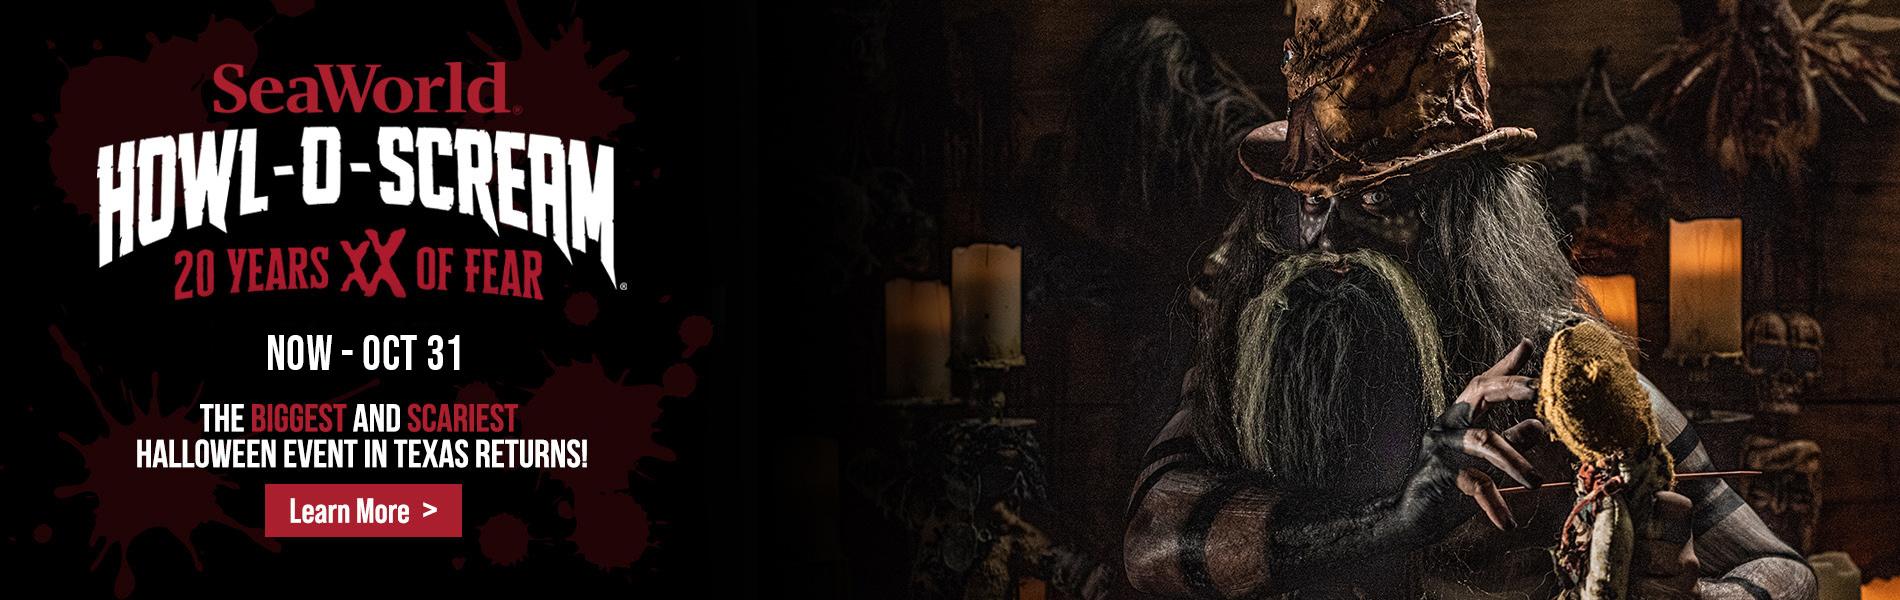 Howl-O-Scream 2021